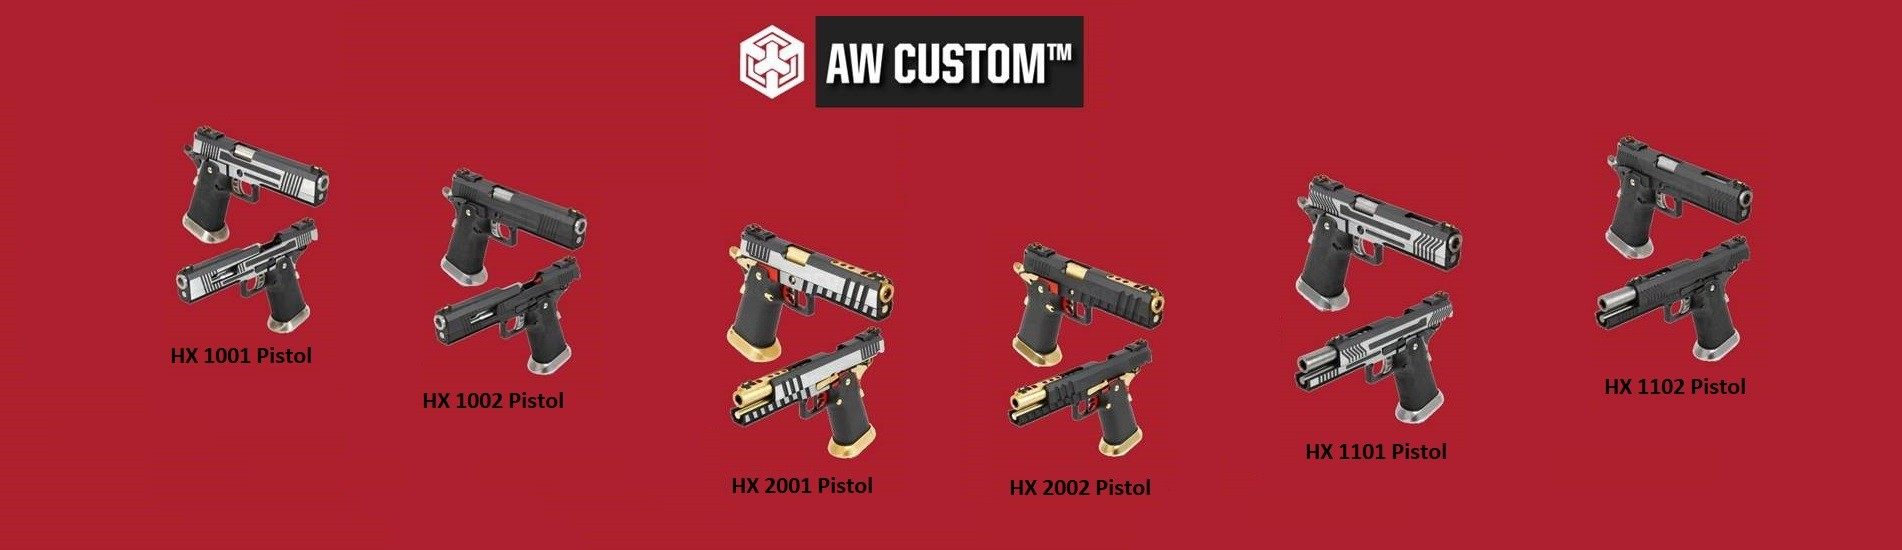 AW Custom